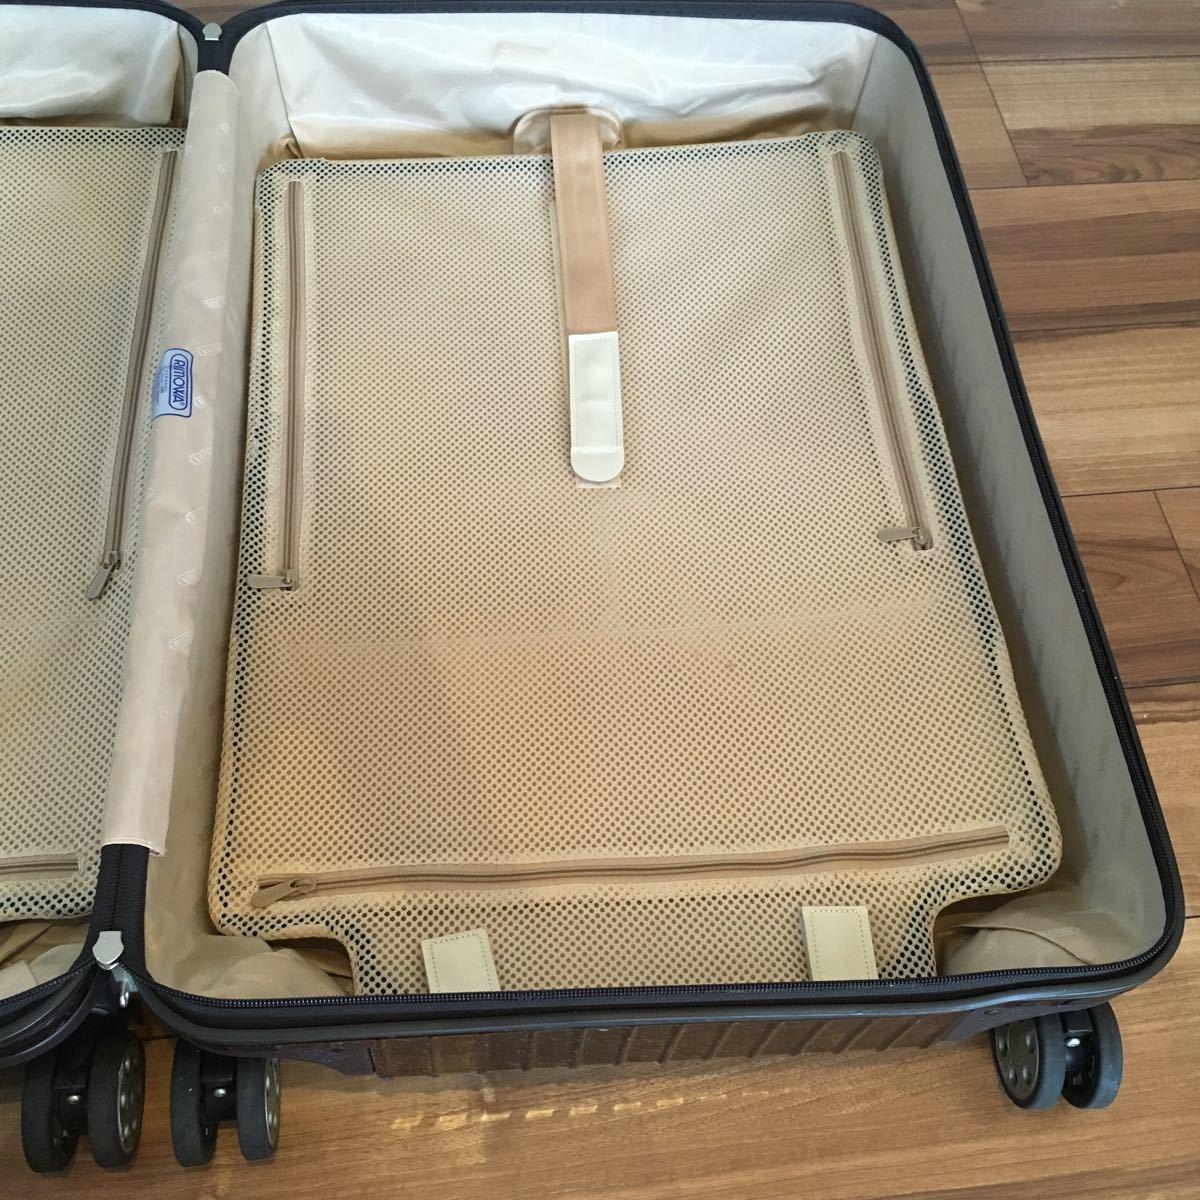 中古 RIMOWAリモワ サルサ デラックス 87L SALSA DELUXE キャリーバック スーツケース ブラウン 機内持ち込み不可 新型 TSA有 4輪 ゼロハリ_画像8